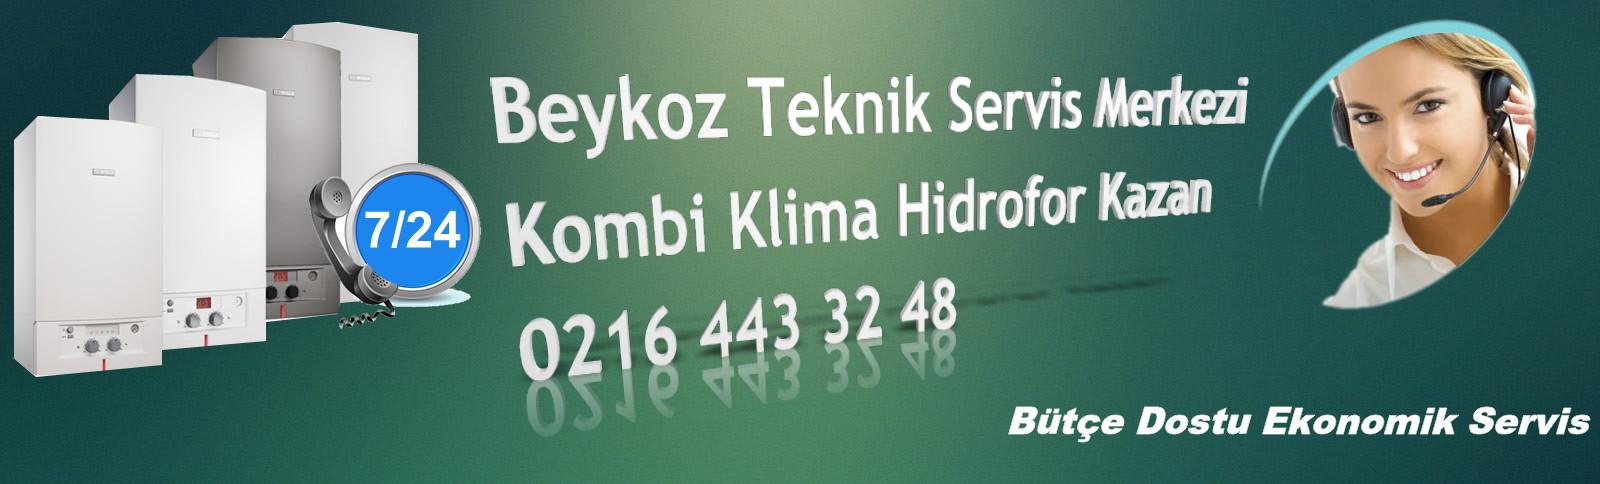 Beykoz Teknik Servis Merkezi